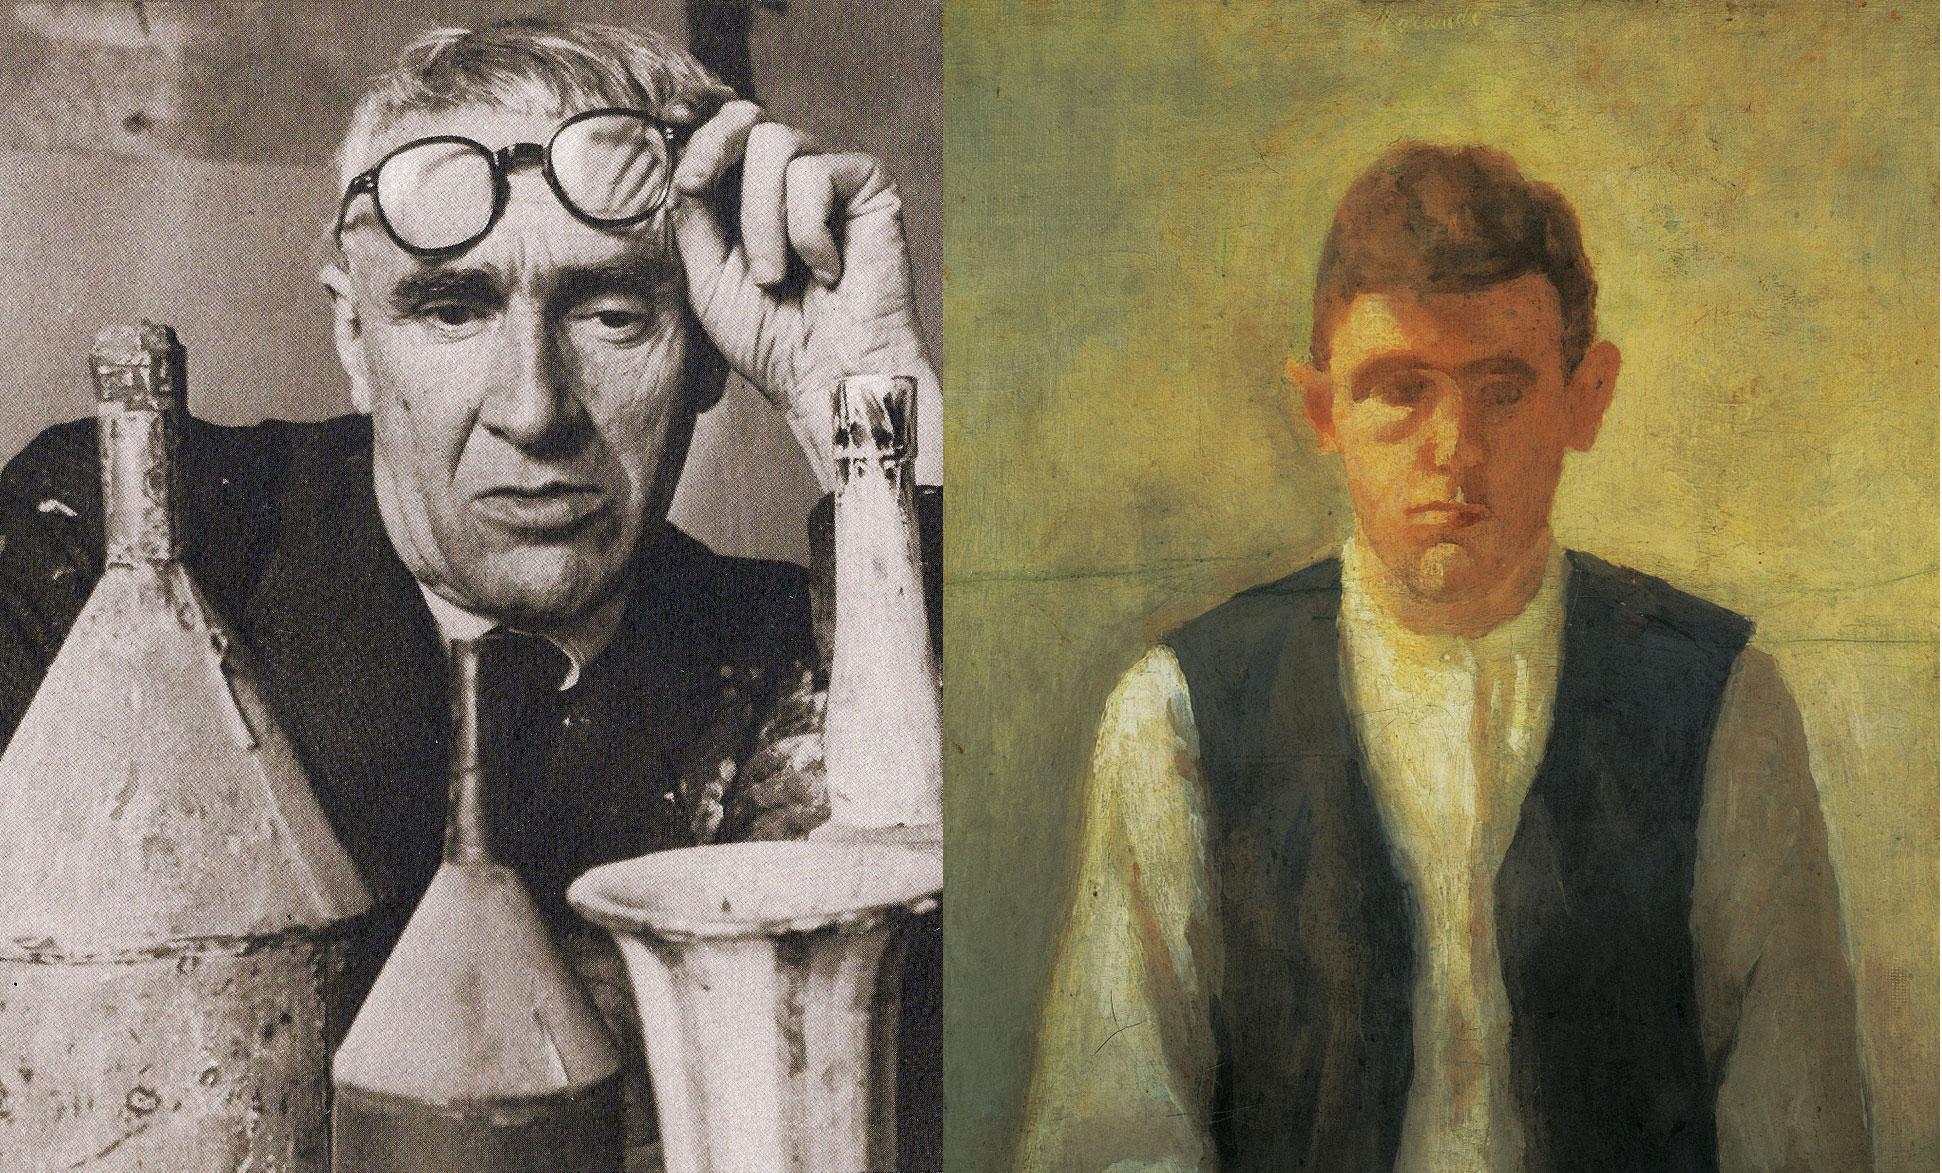 Giorgio morandi un pittore fuori dagli schemi focus giorgio morandi a sinistra in una delle rare foto scattata dal fotografo dellagenzia magnum herbert list nel 1953 a destra in un altrettanto raro thecheapjerseys Gallery